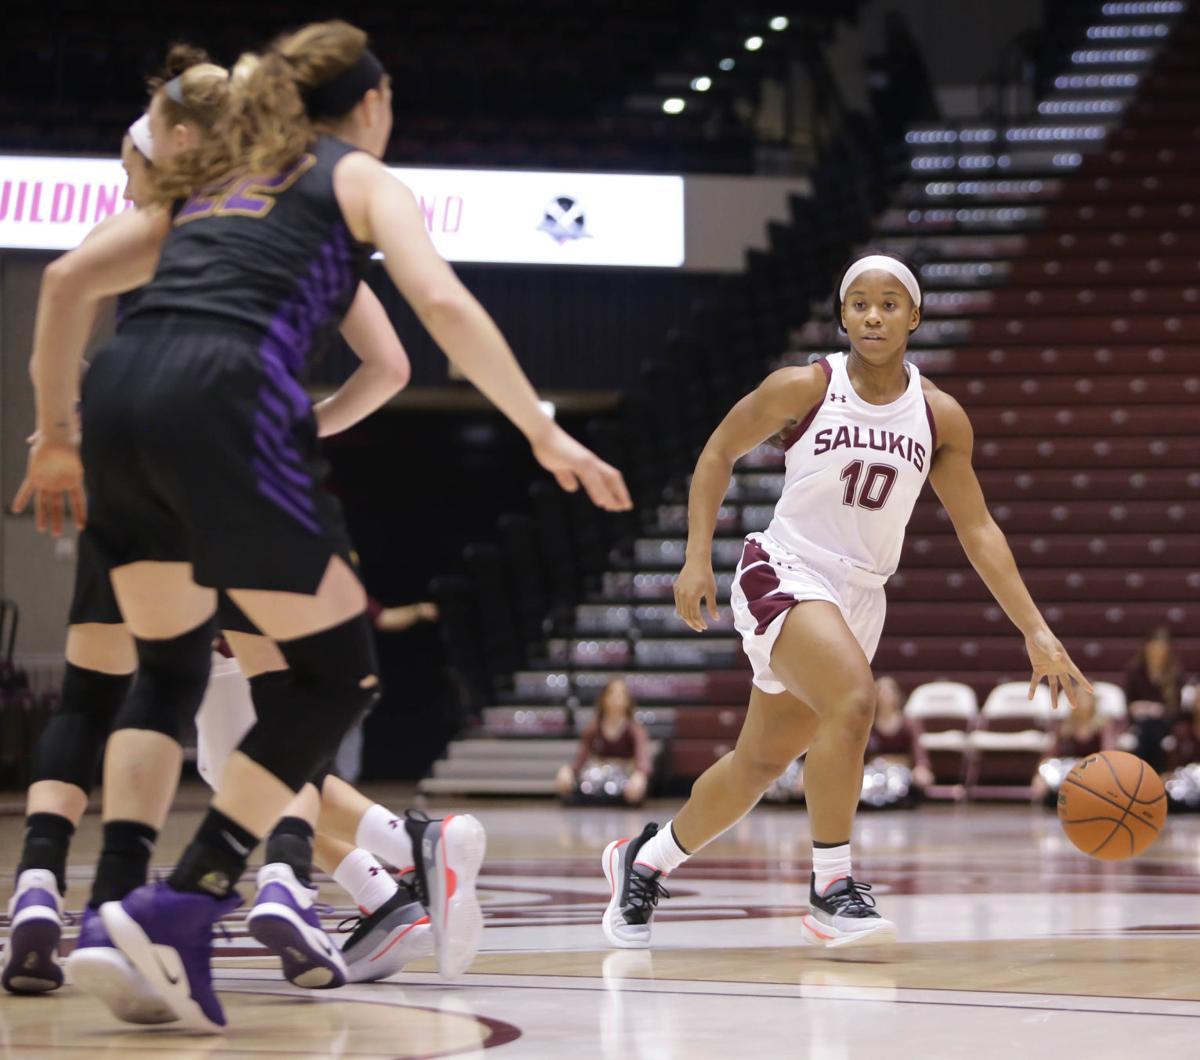 PHOTOS: UNI takes on SIU Women's Basketball